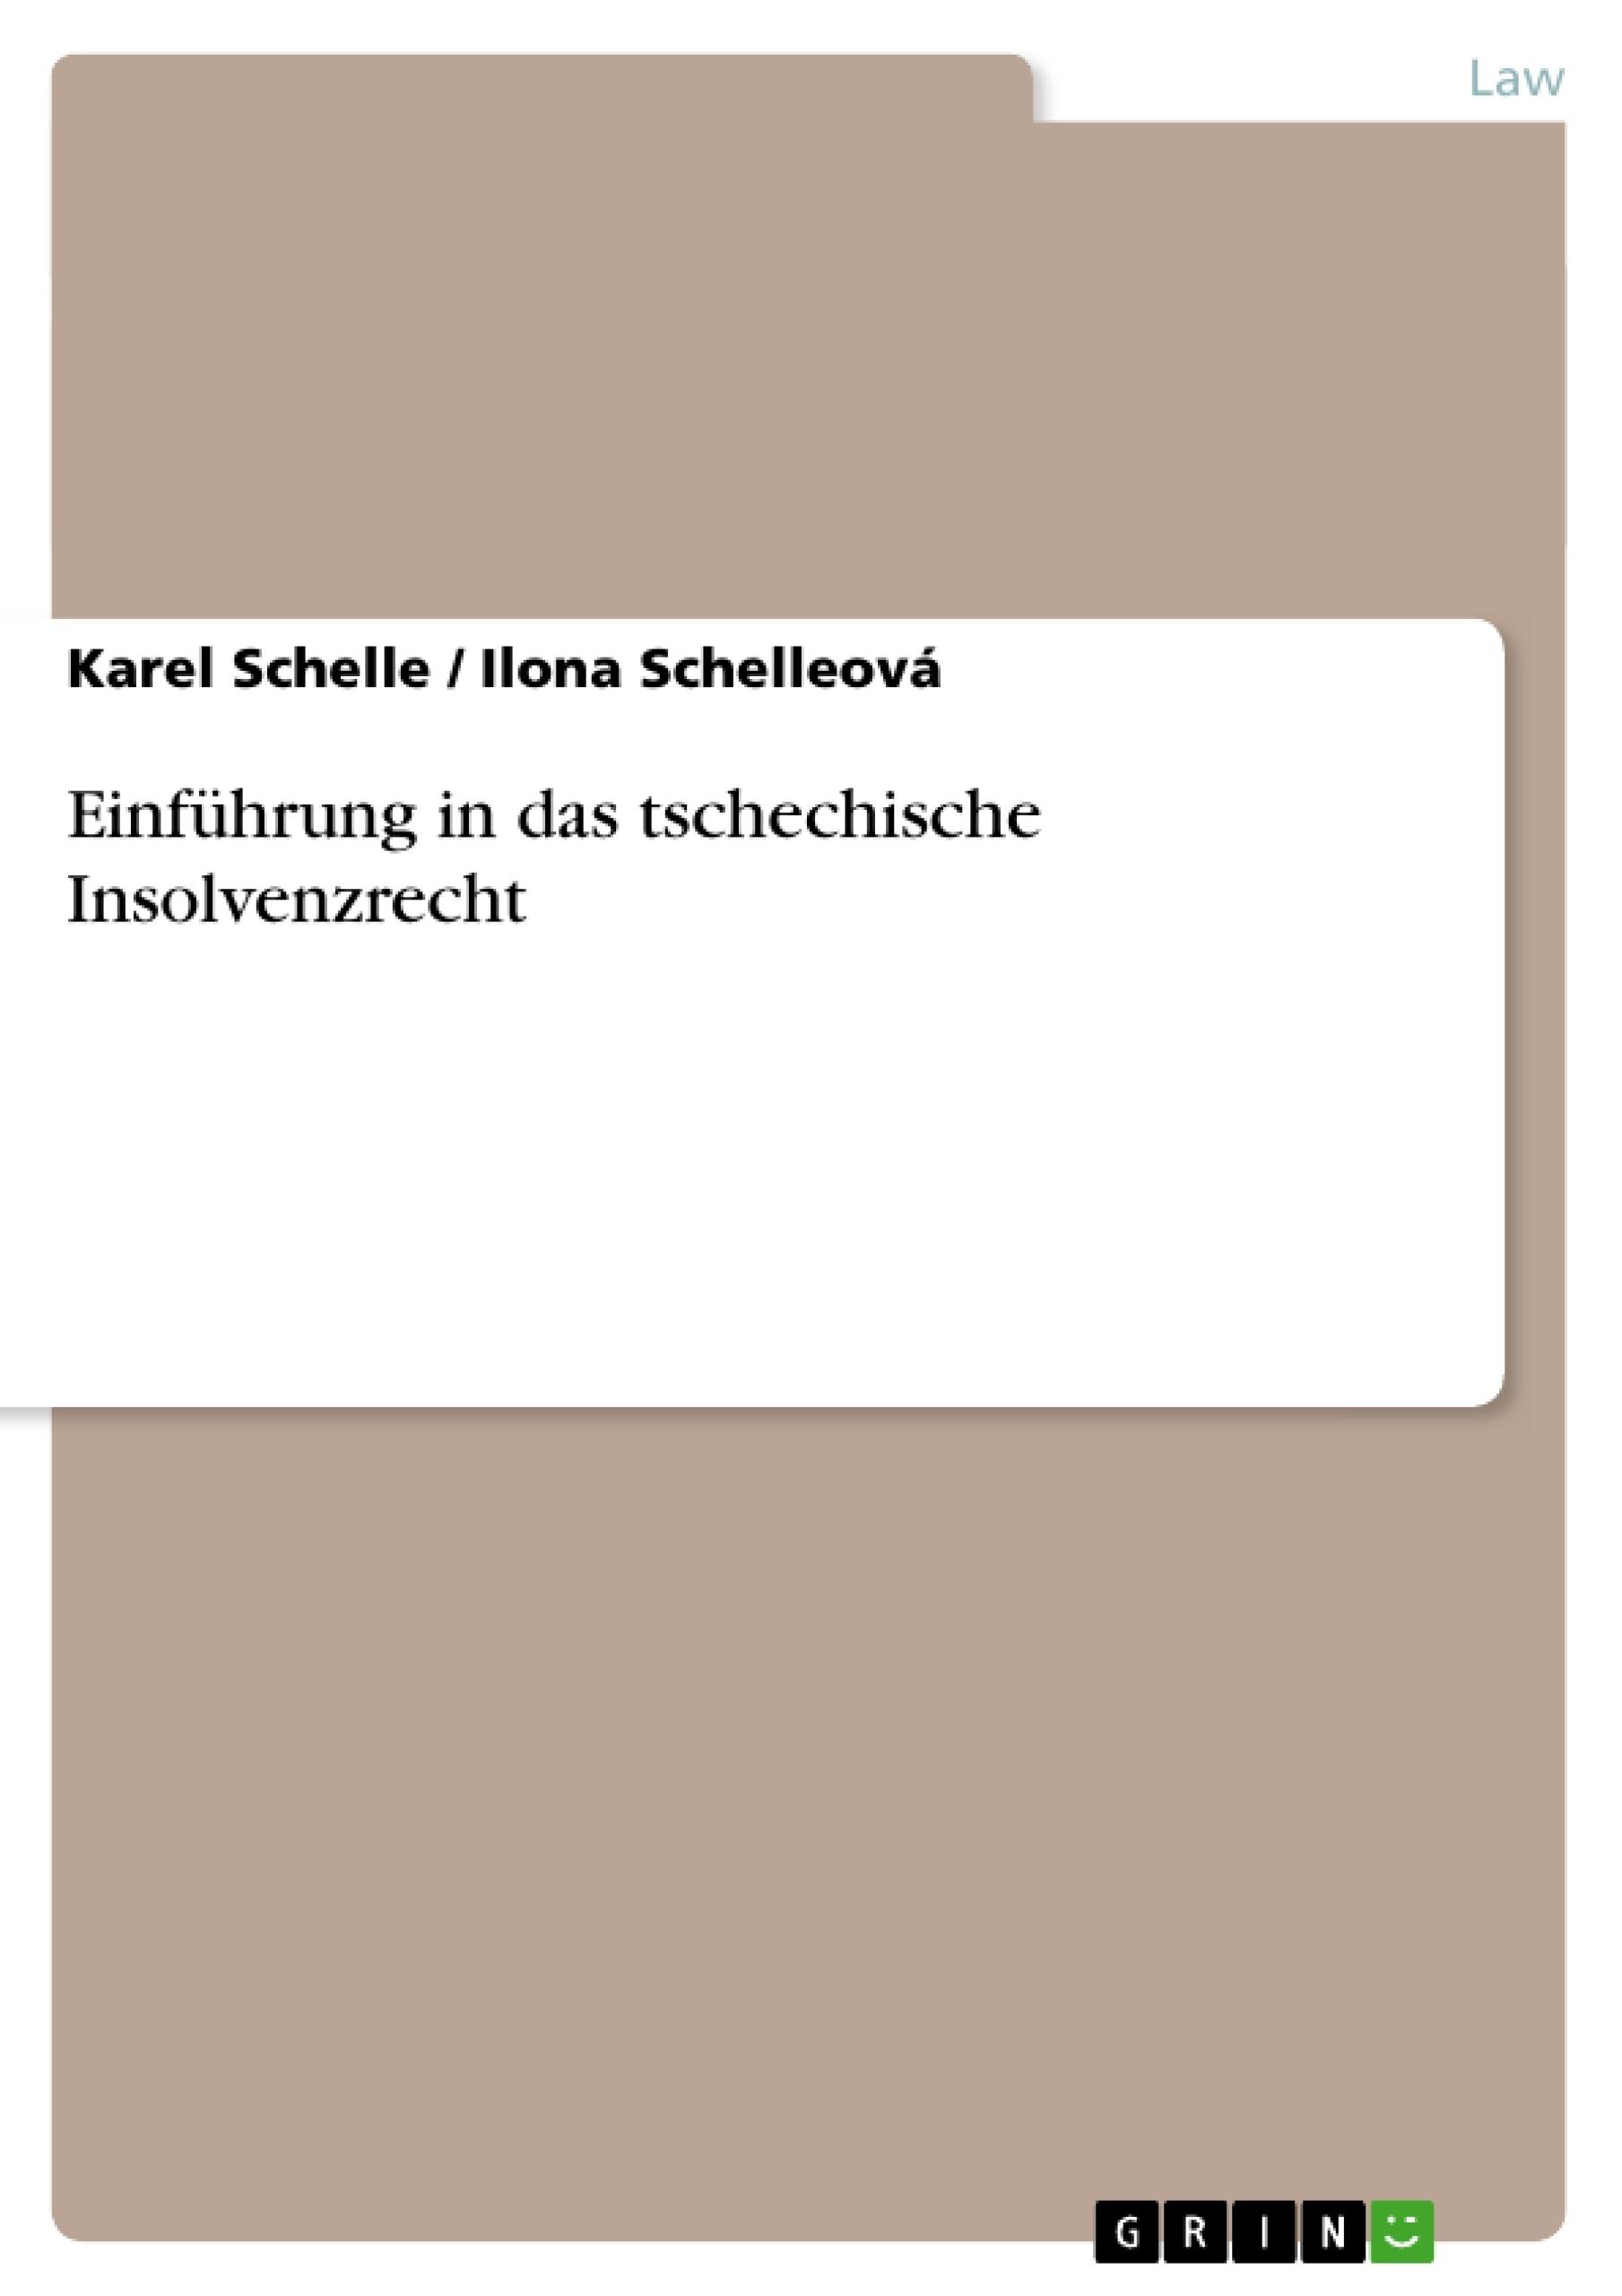 Title: Einführung in das tschechische Insolvenzrecht